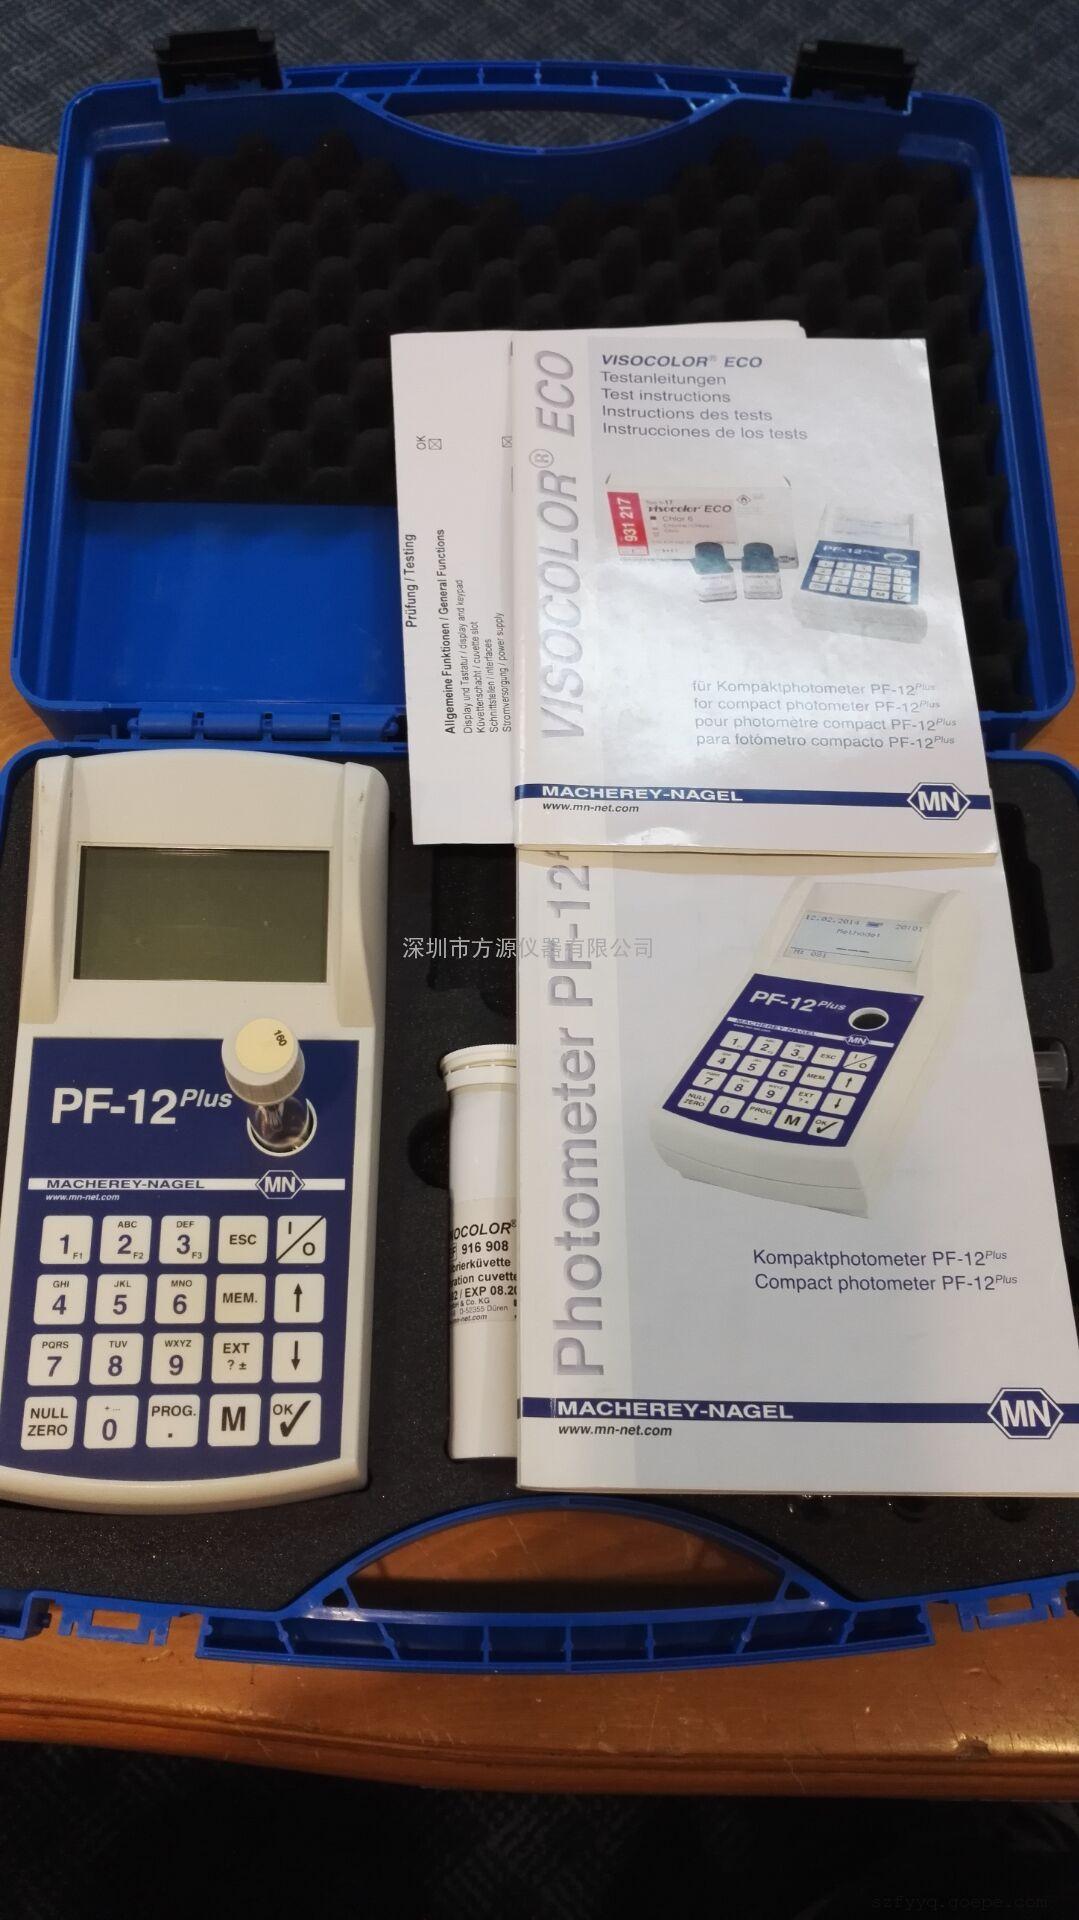 原装进口新型小巧灵活便携多参数水质分析仪PF-12Plus